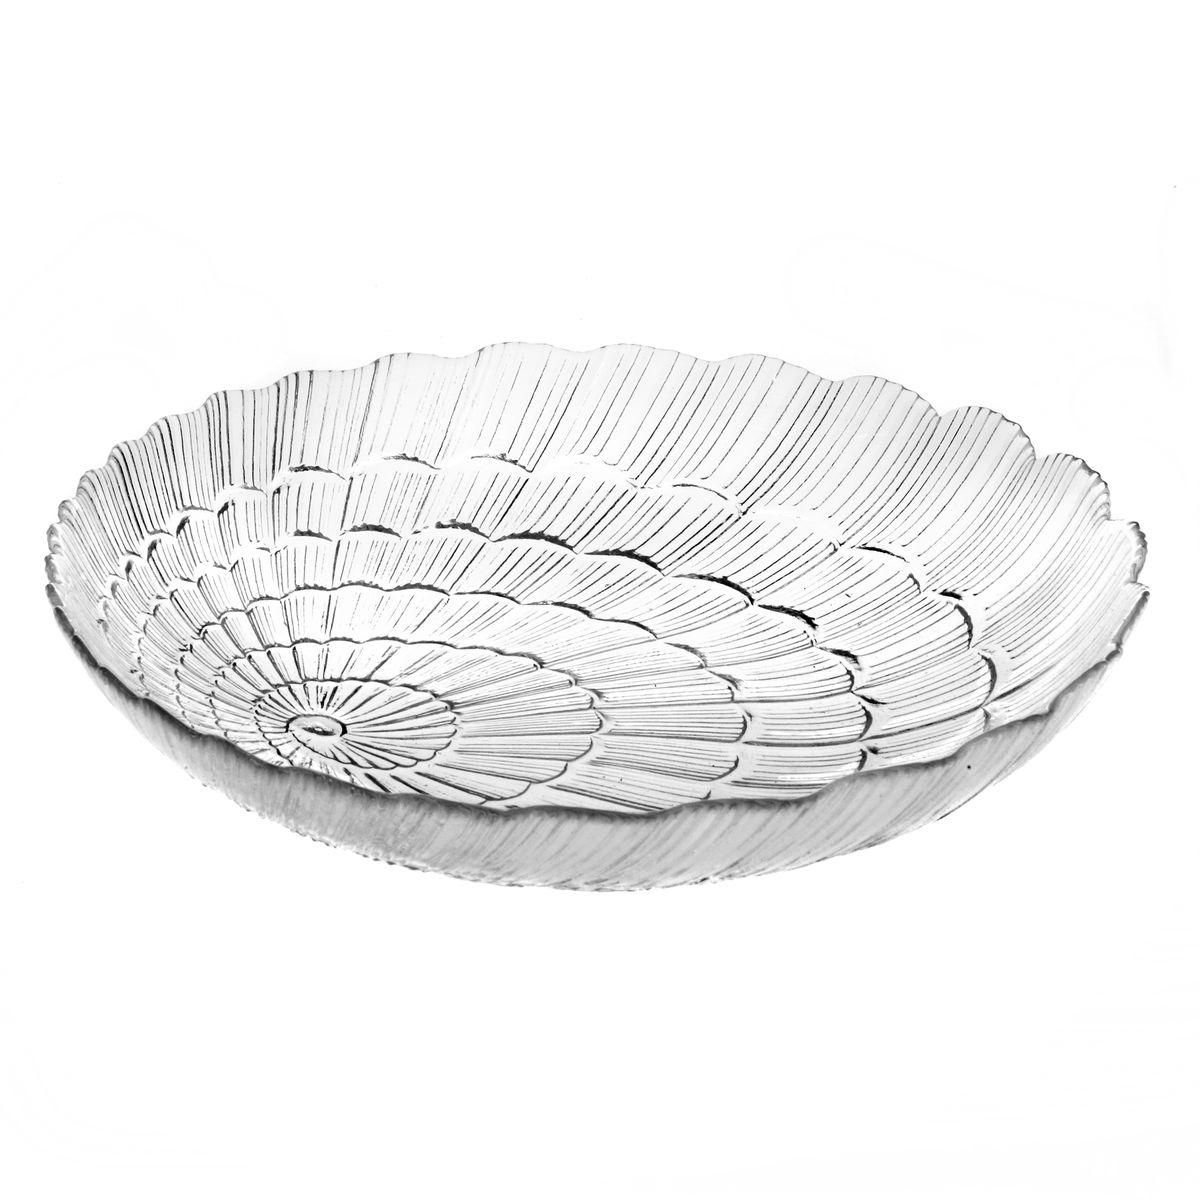 Набор тарелок Pasabahce Atlantis, диаметр 21 см, 6 штFS-91909Набор Pasabahce Atlantis состоит из шести тарелок, выполненных из высококачественного закаленного стекла. Они имеют оригинальную форму и декорированы рельефным узором. Тарелки прекрасно подойдут для красивой сервировки различных блюд. Оригинальность оформления тарелок придется по вкусу и ценителям классики, и тем, кто предпочитает утонченность и изящность. Набор тарелок Atlantis станет украшением вашего стола и послужит отличным подарком к любому празднику. Диаметр тарелки: 21 см. Высота тарелки: 4 см.